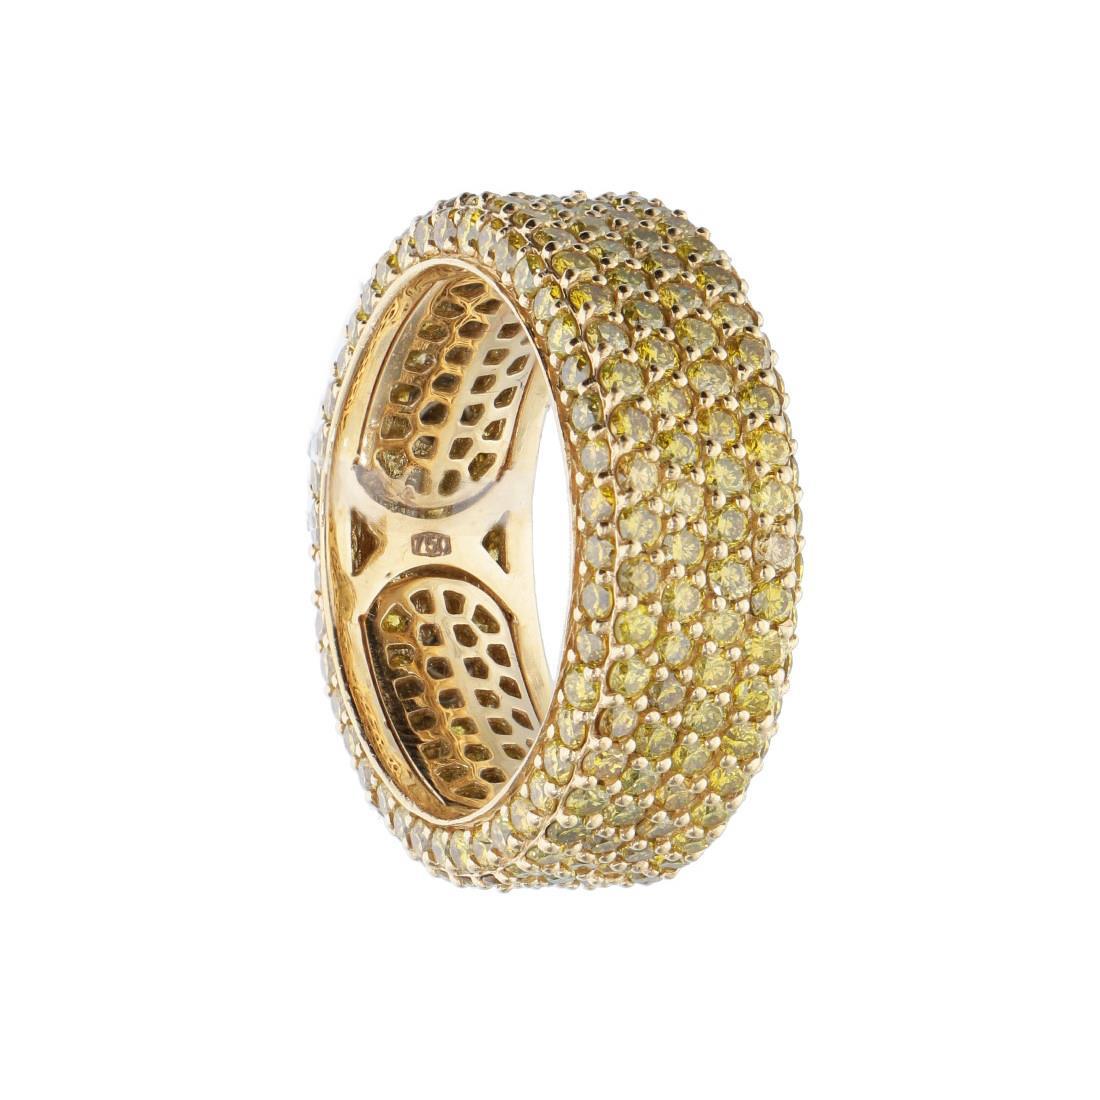 Anello in oro con diamanti naturali gialli trattti - ALFIERI & ST. JOHN